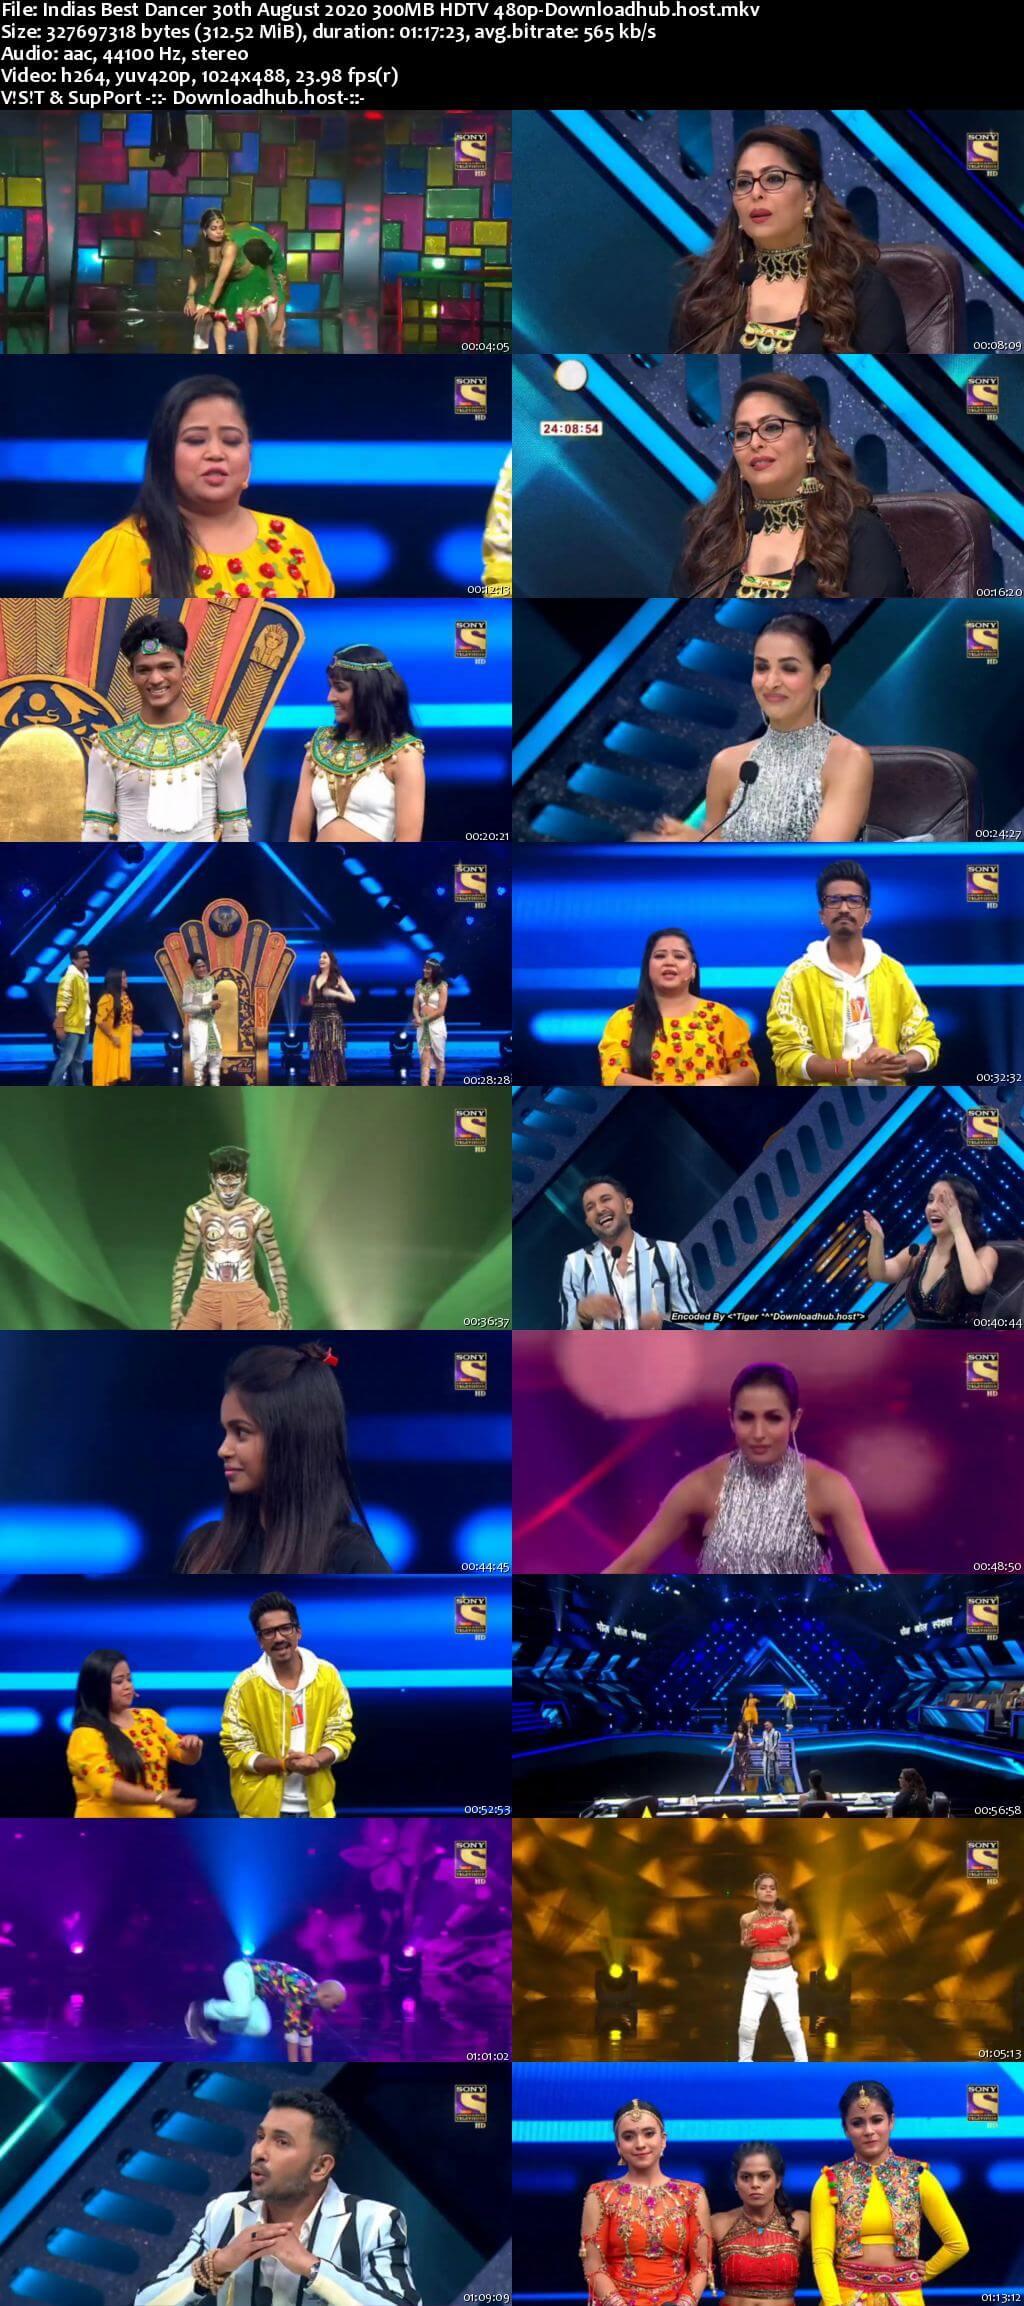 Indias Best Dancer 30 August 2020 Episode 24 HDTV 480p